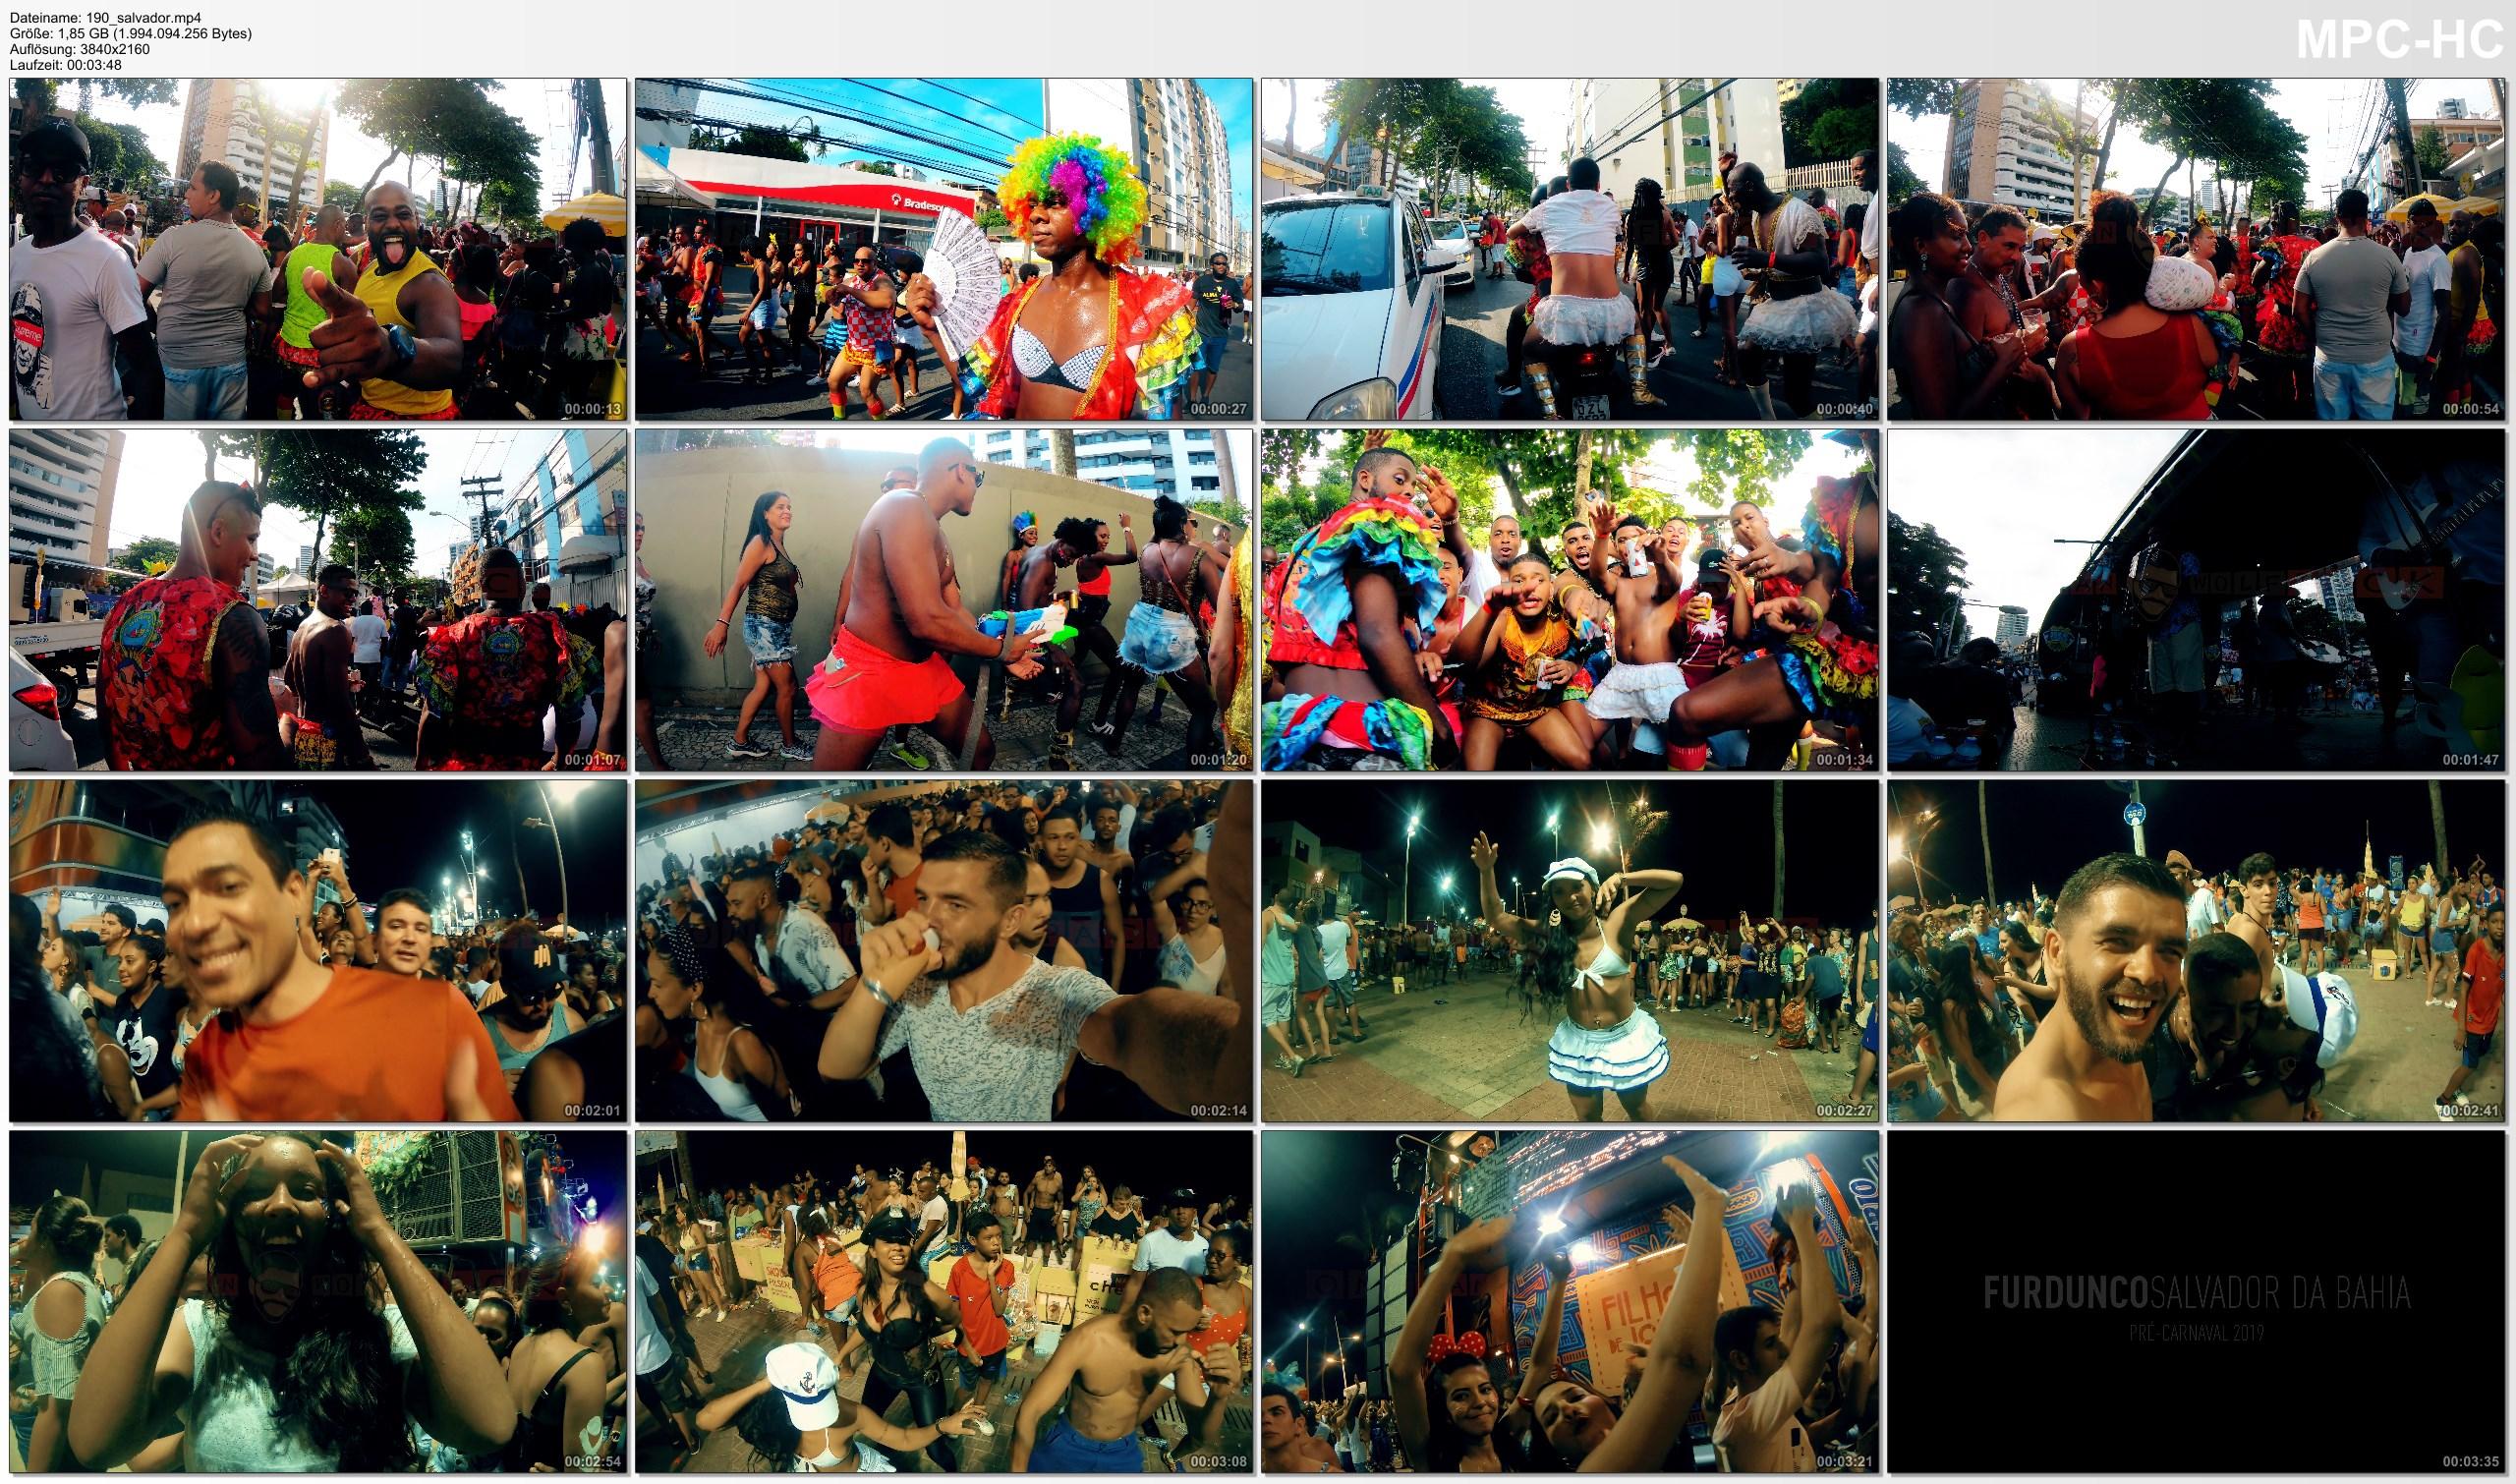 Pictures from Video 【4K】Footage | FURDUNCO Salvador da Bahia 2019 ..:: Pré-Carnaval Brasil 2019 | Barra Carnival Brazil